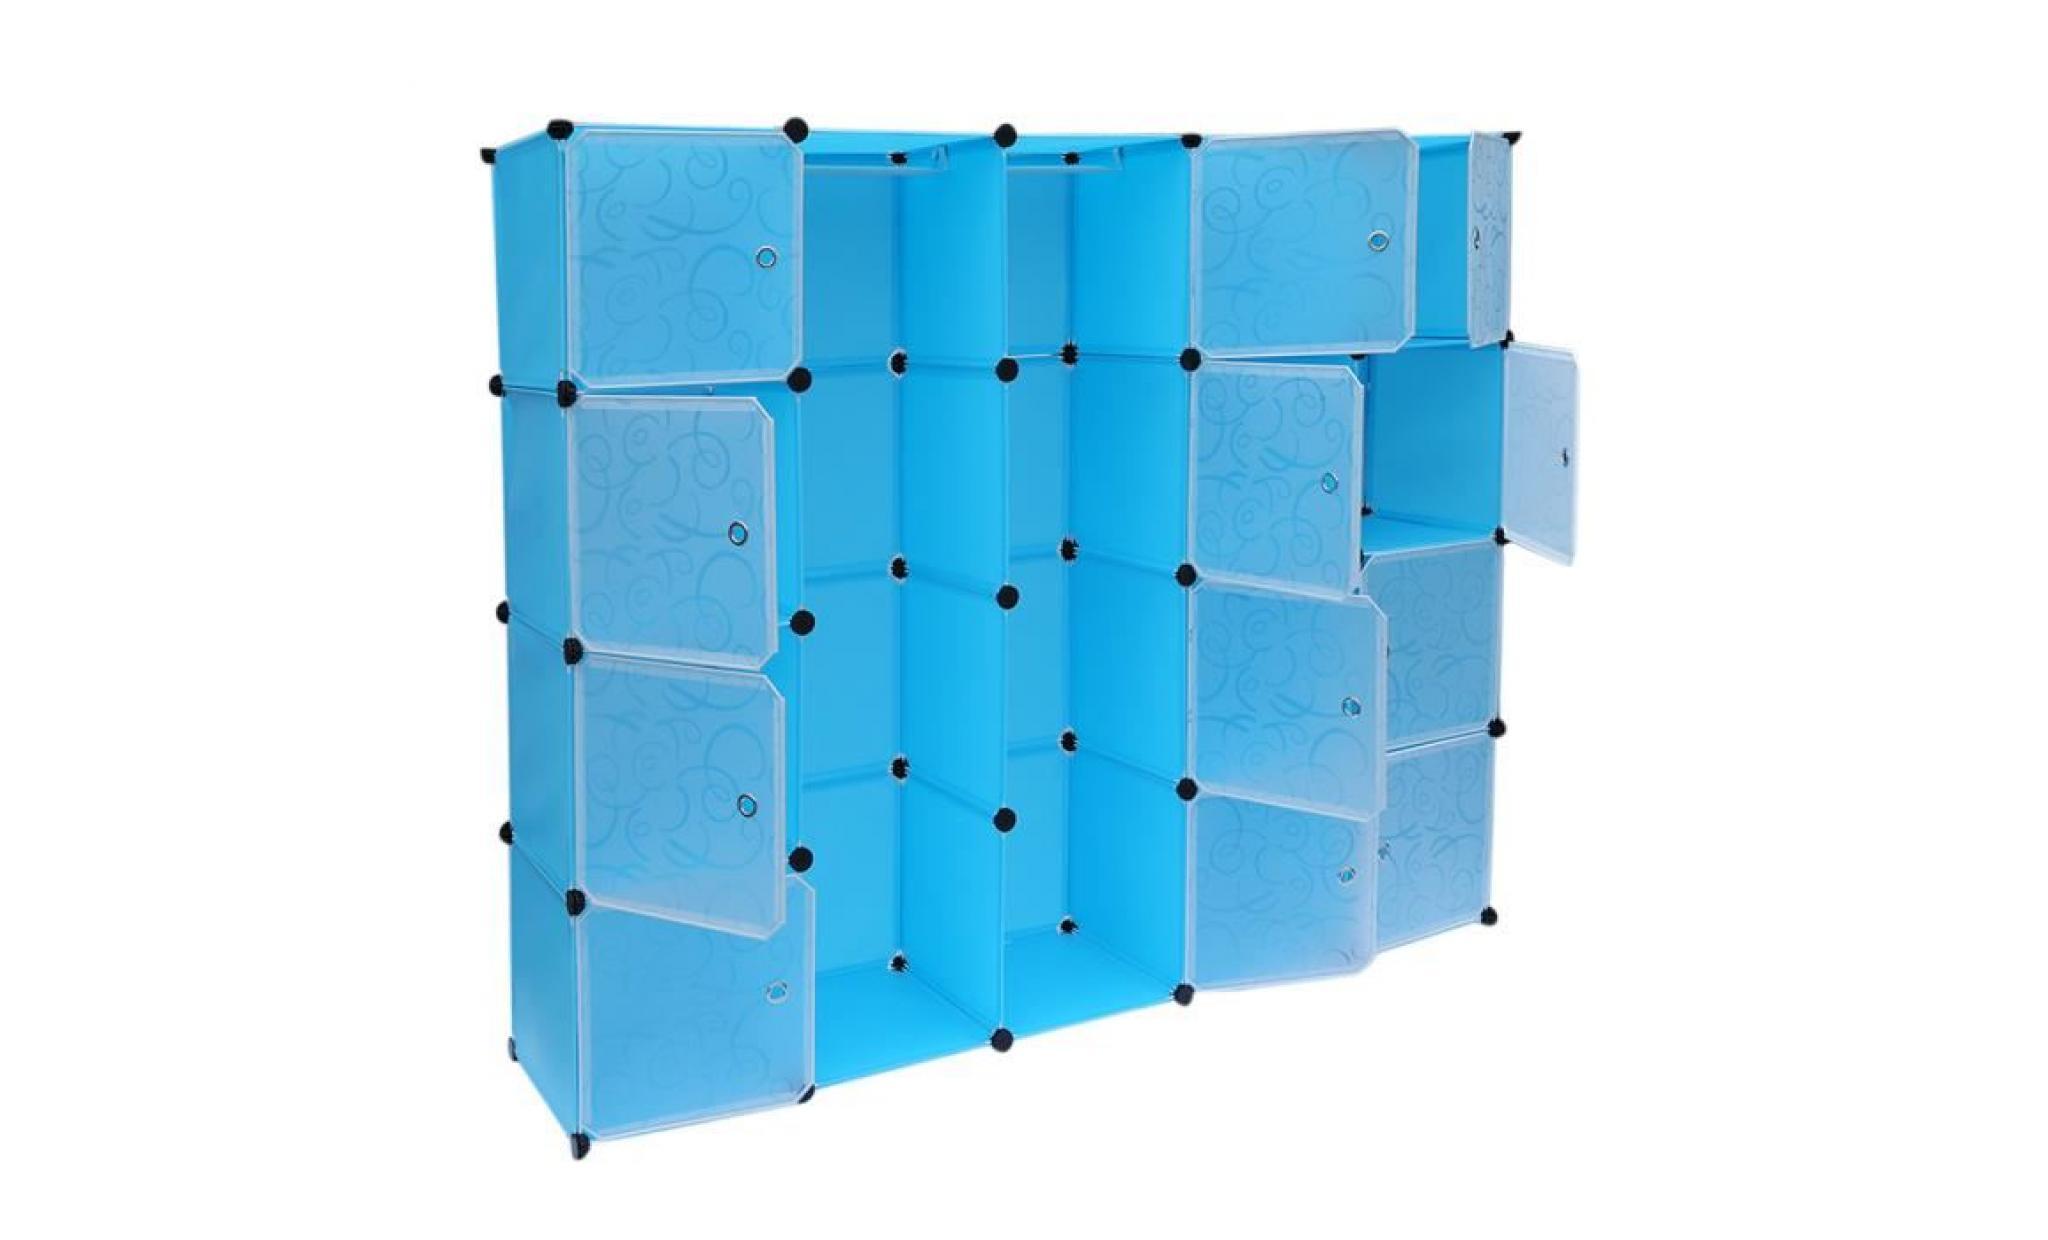 20 Cube Bleu Diy Armoire De Rangement En Resine Magic Plastique Piece 140 35 175cm Achat Vente Armoire Pas Cher Couleur Et Design Fr